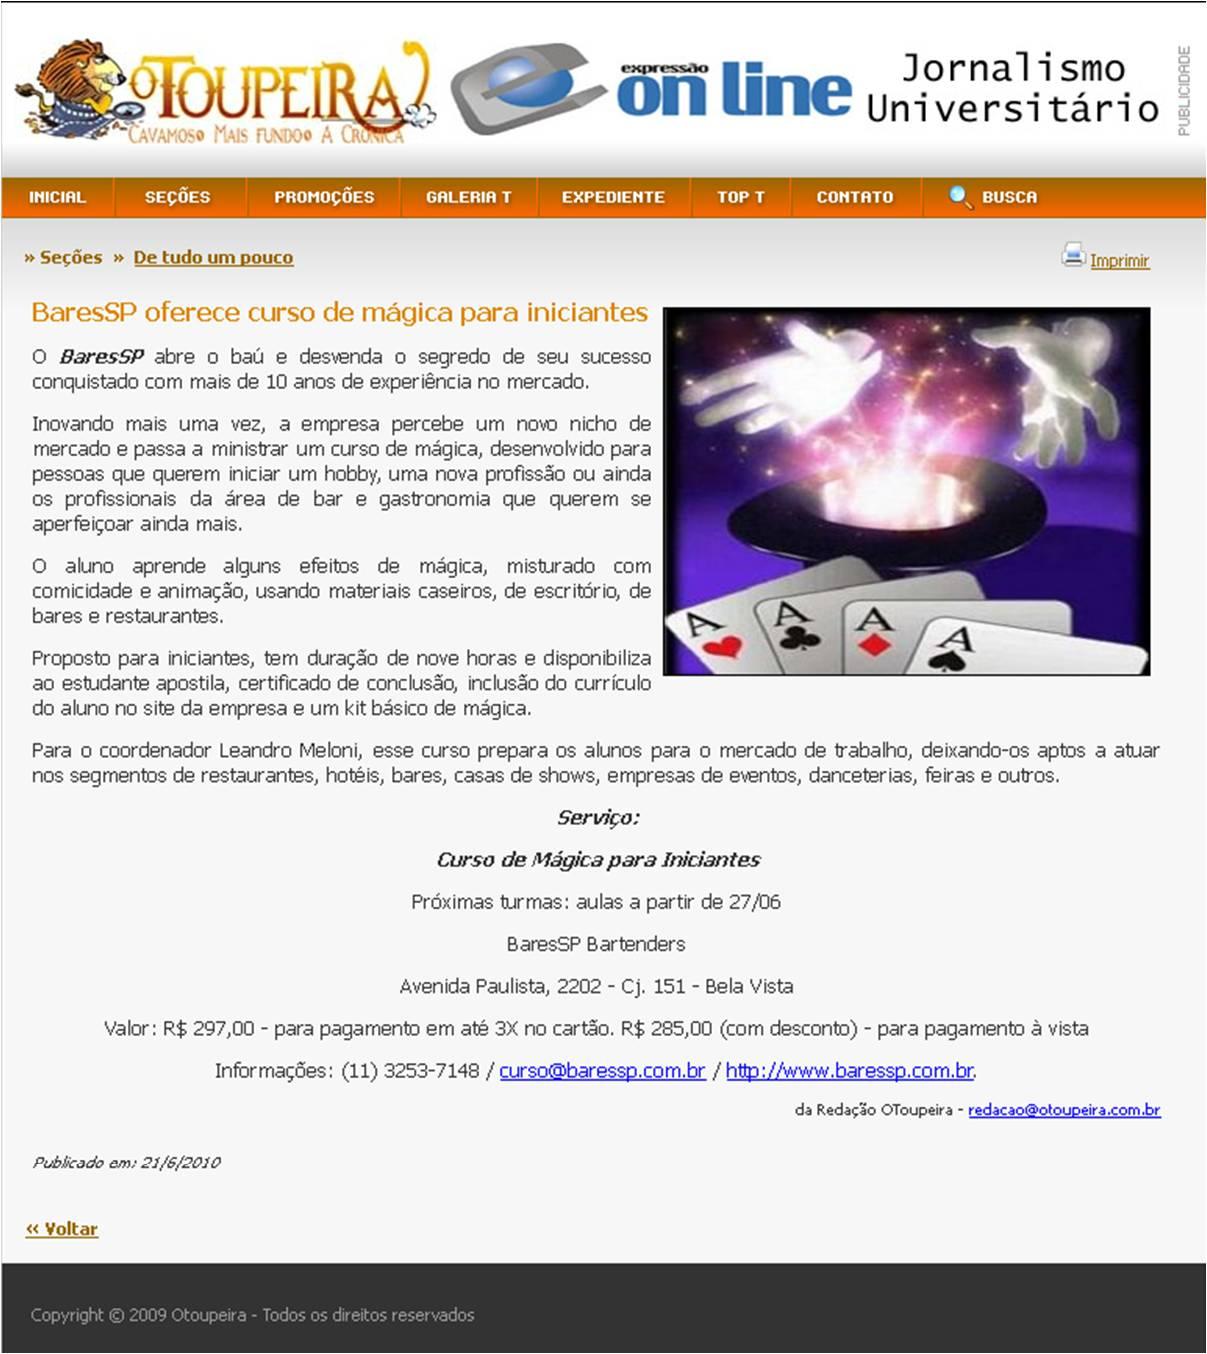 BaresSP oferece curso de mágica para iniciantes